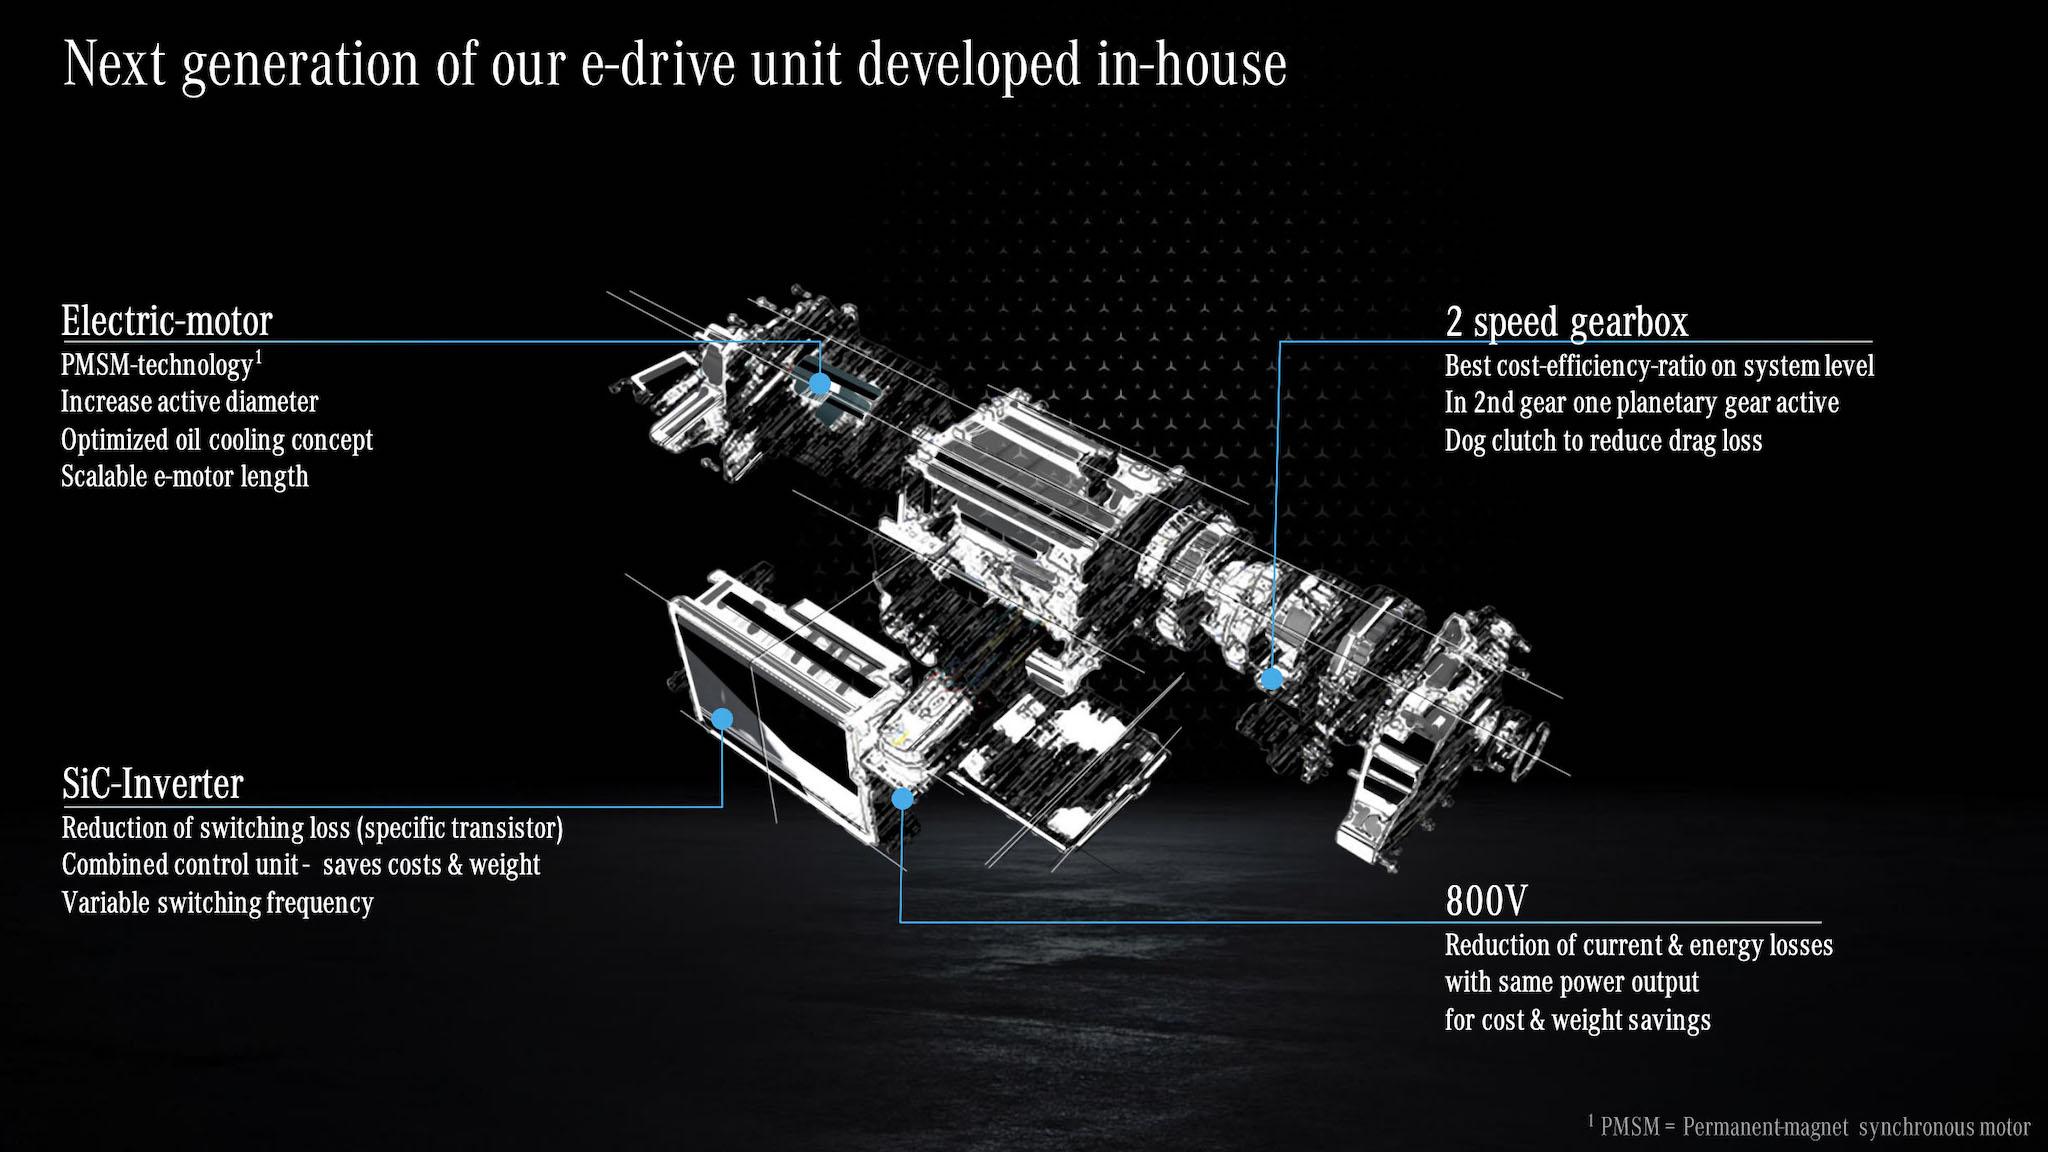 賓士將自行研發下一代驅動系統。